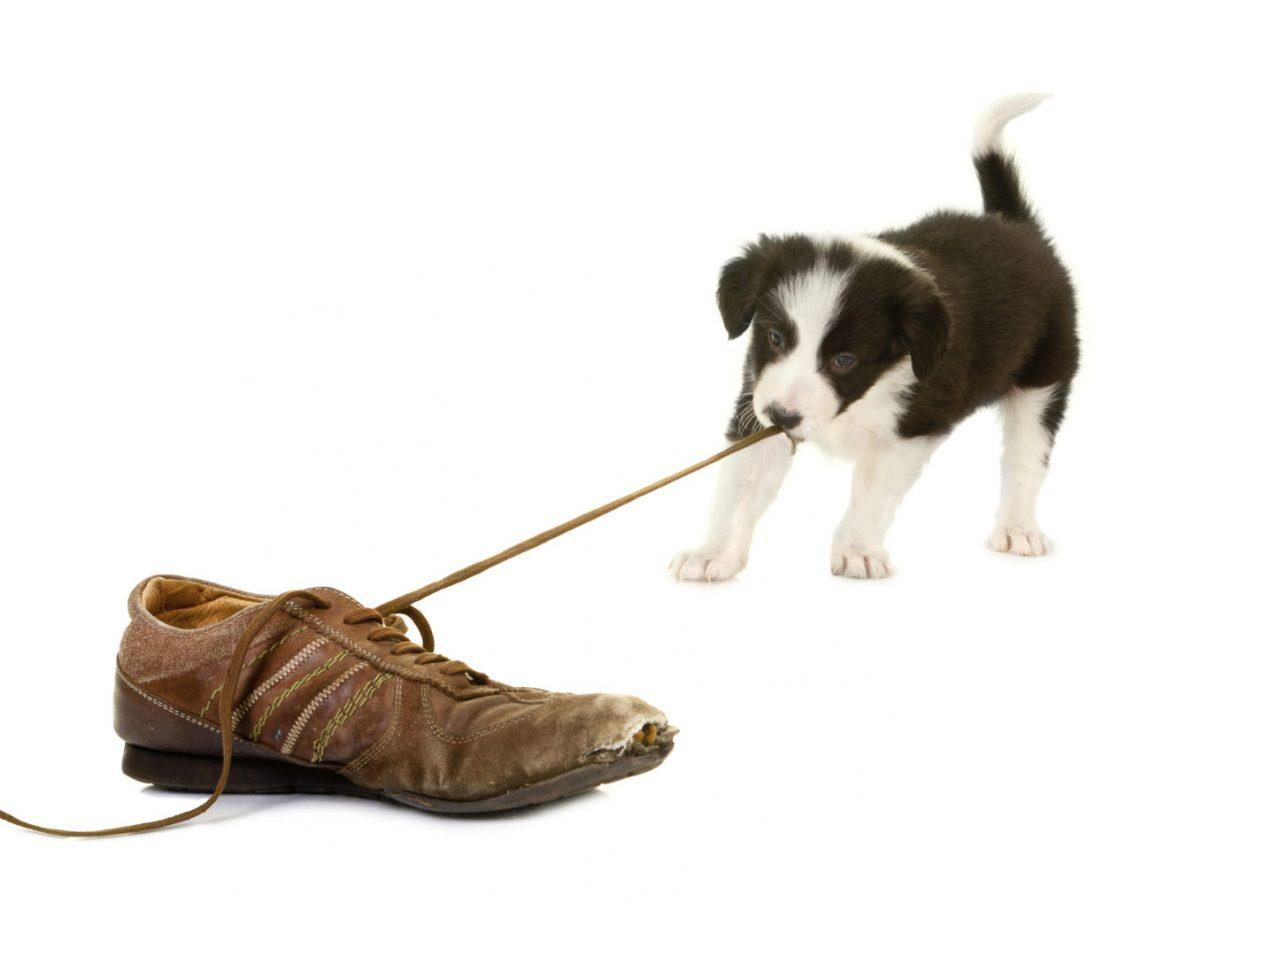 https://hundehelse.no/wp-content/uploads/2020/10/Puppy-pulling-shoe-lace-000019978964_Large-1280x956.jpg